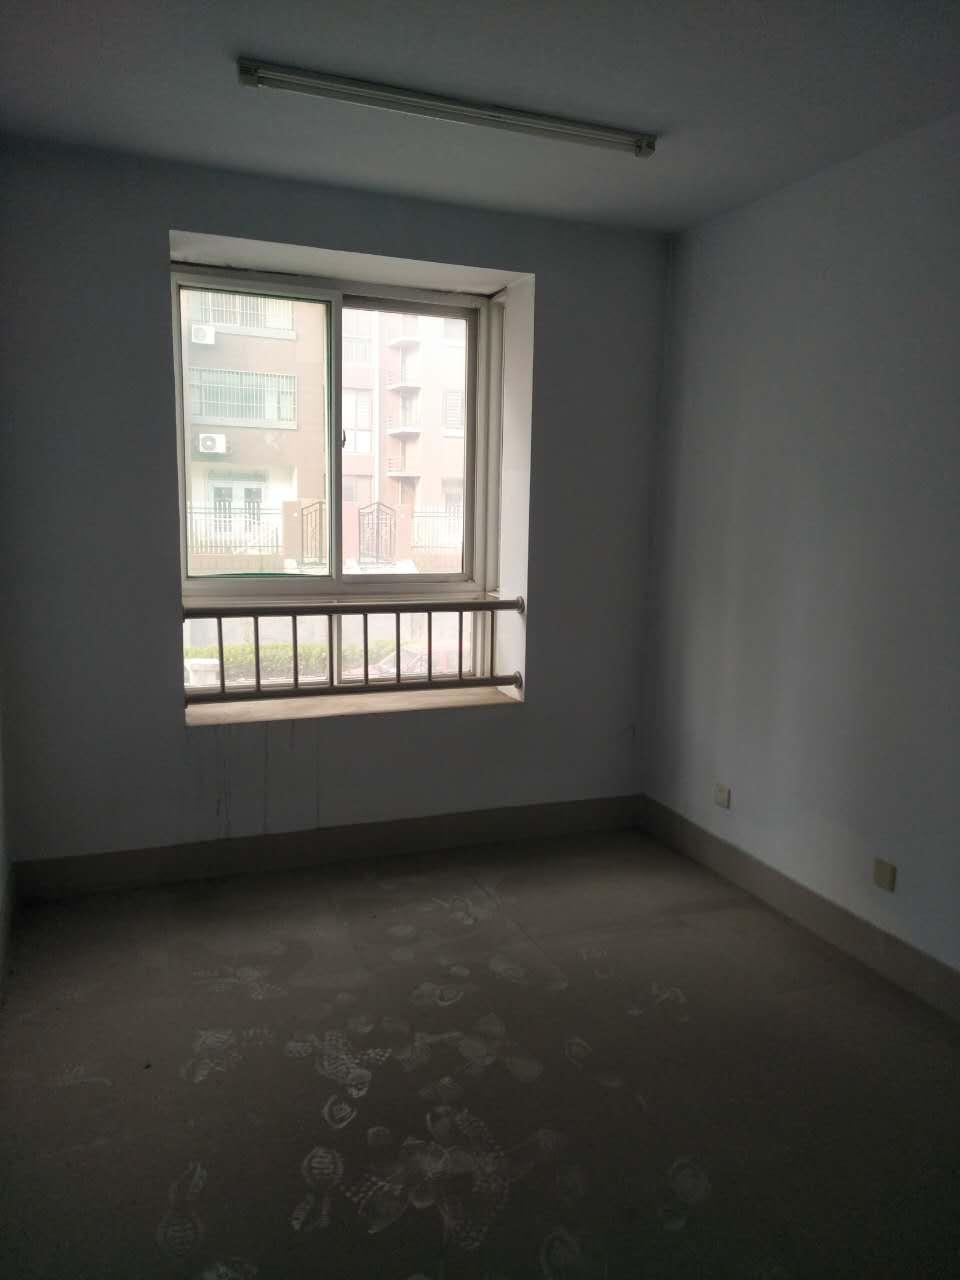 地税局宿舍 3室2厅  简装 125万房型图